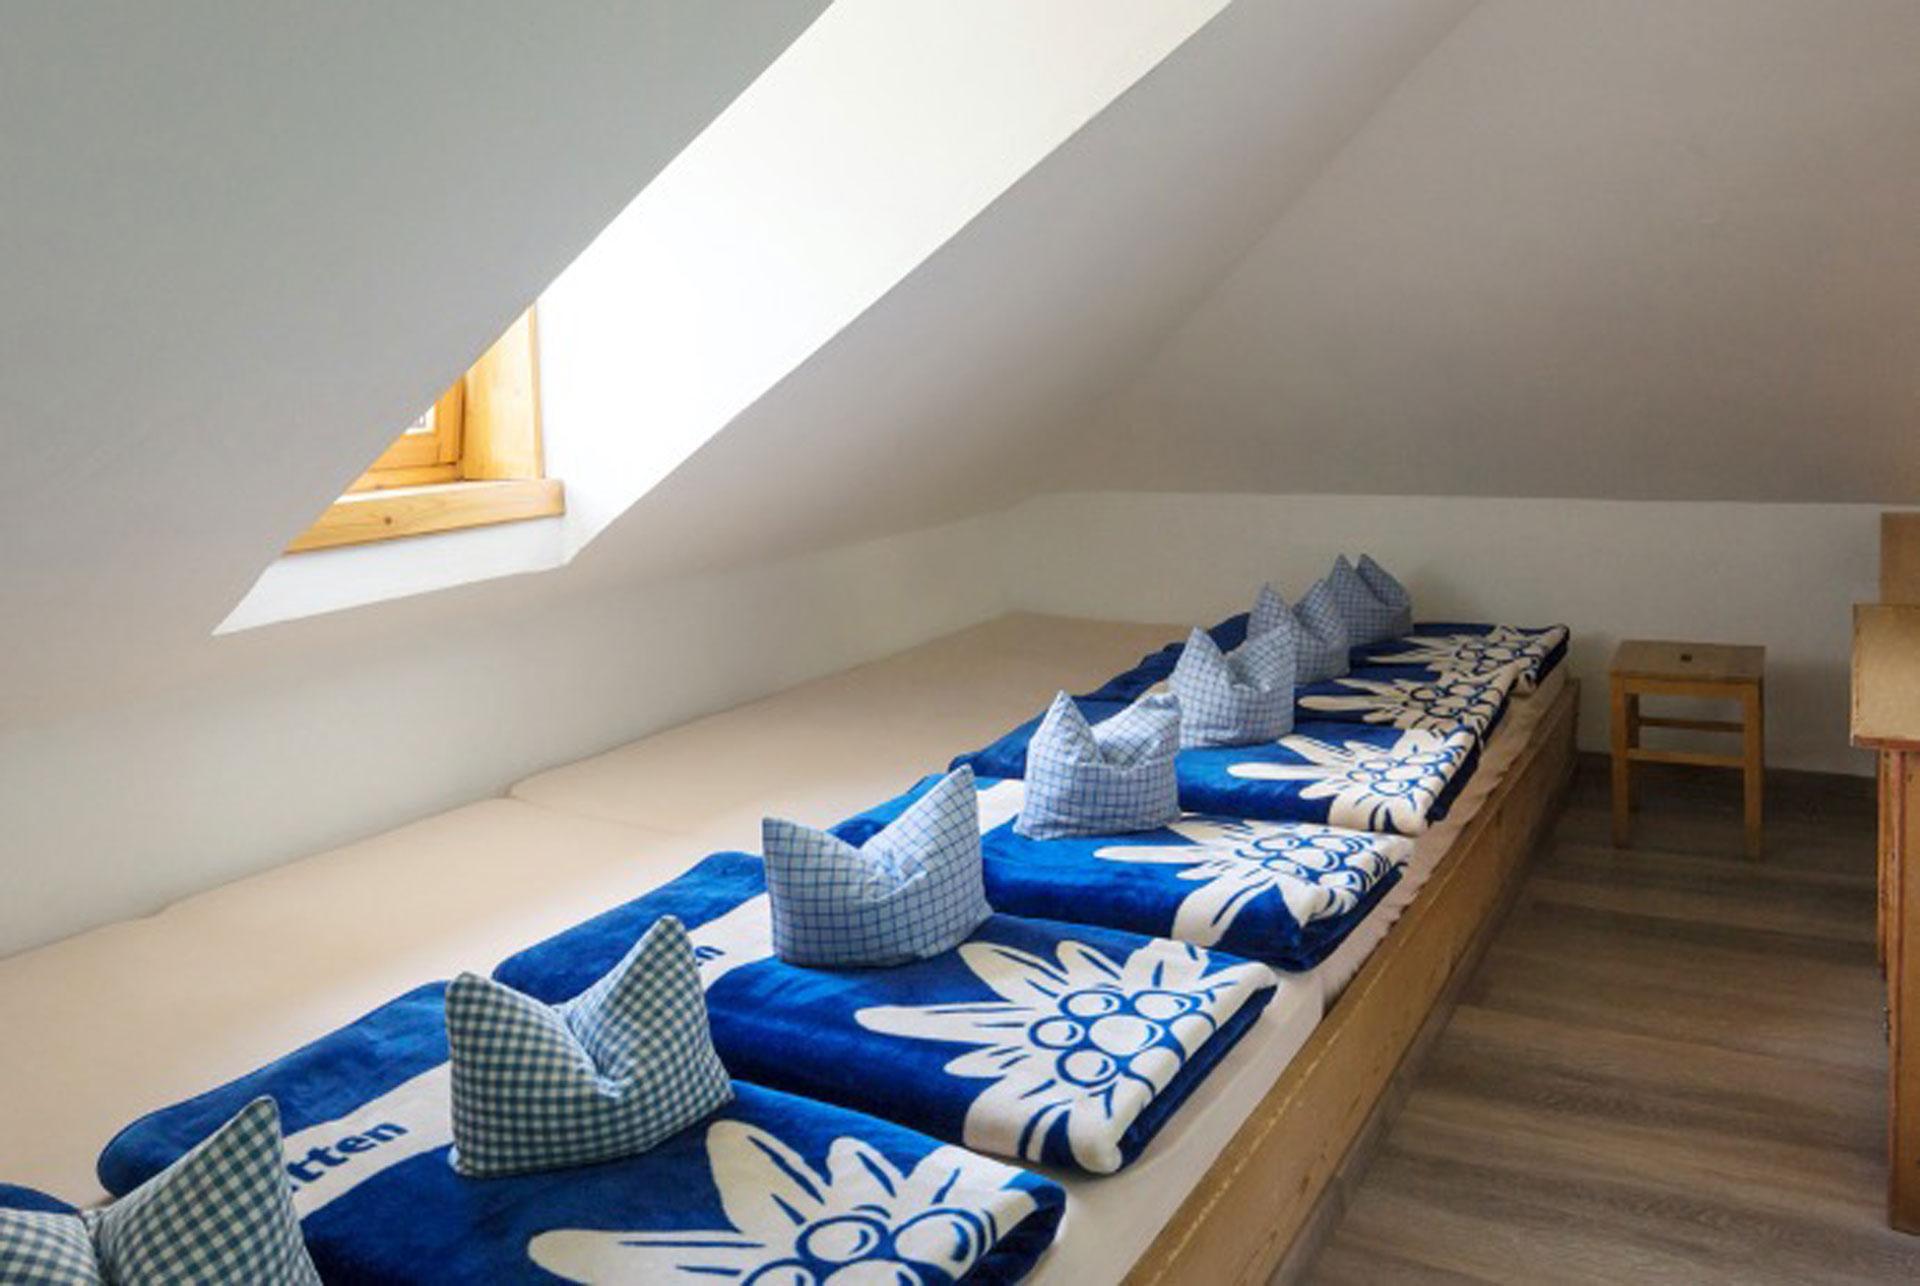 Gemütliche Matratzenlager in der Hütte